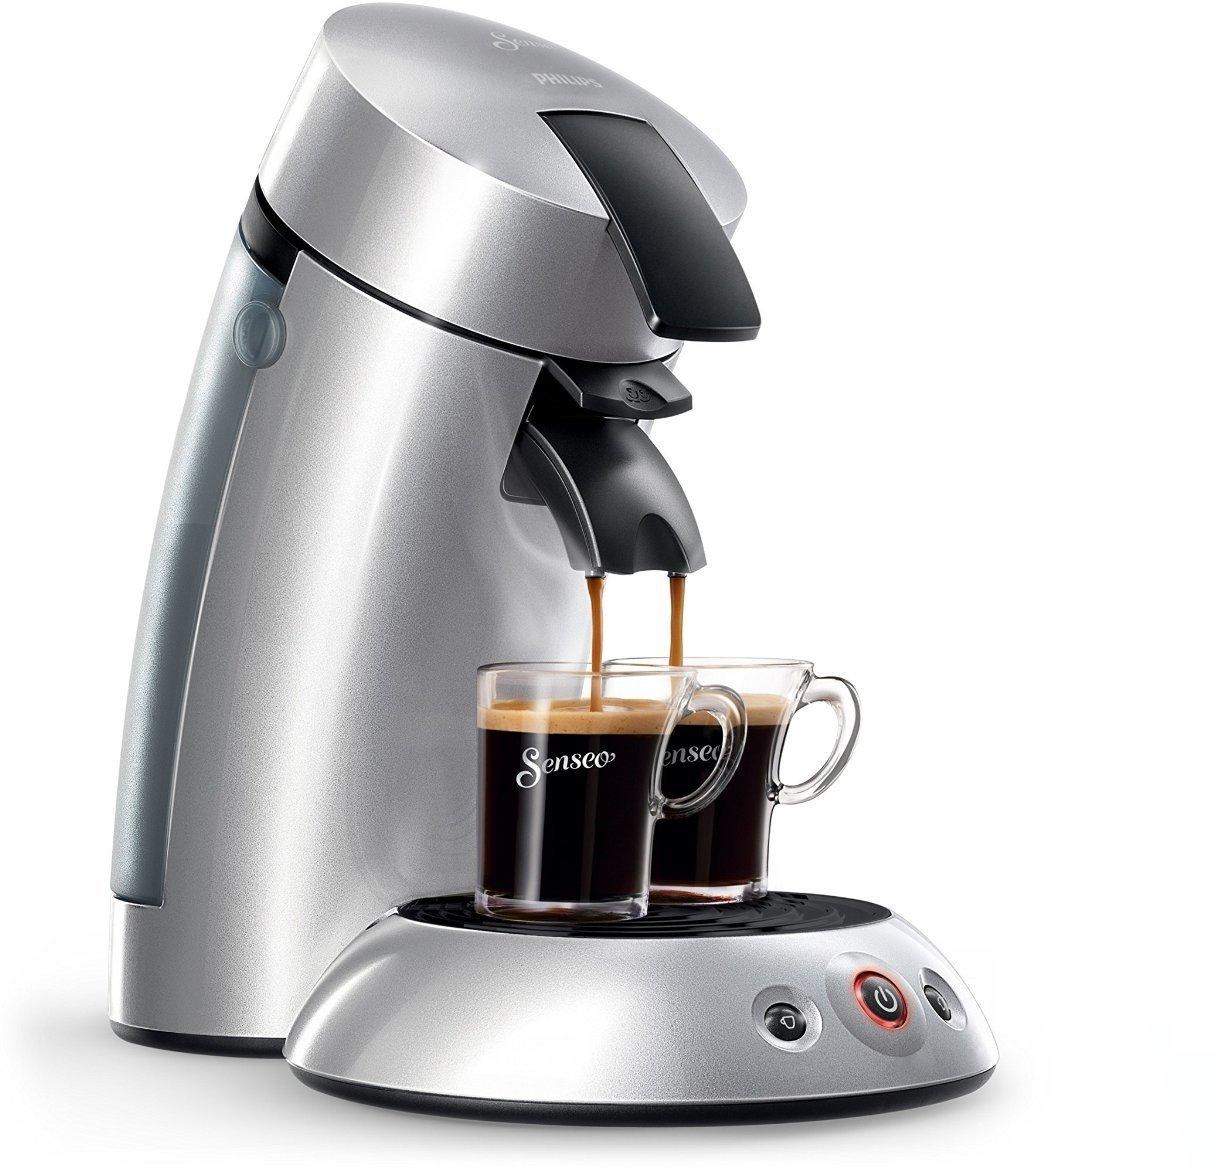 [Amazon] Philips Senseo  Kaffeepadmaschine, 1 oder 2 Tassen  48% Rabatt